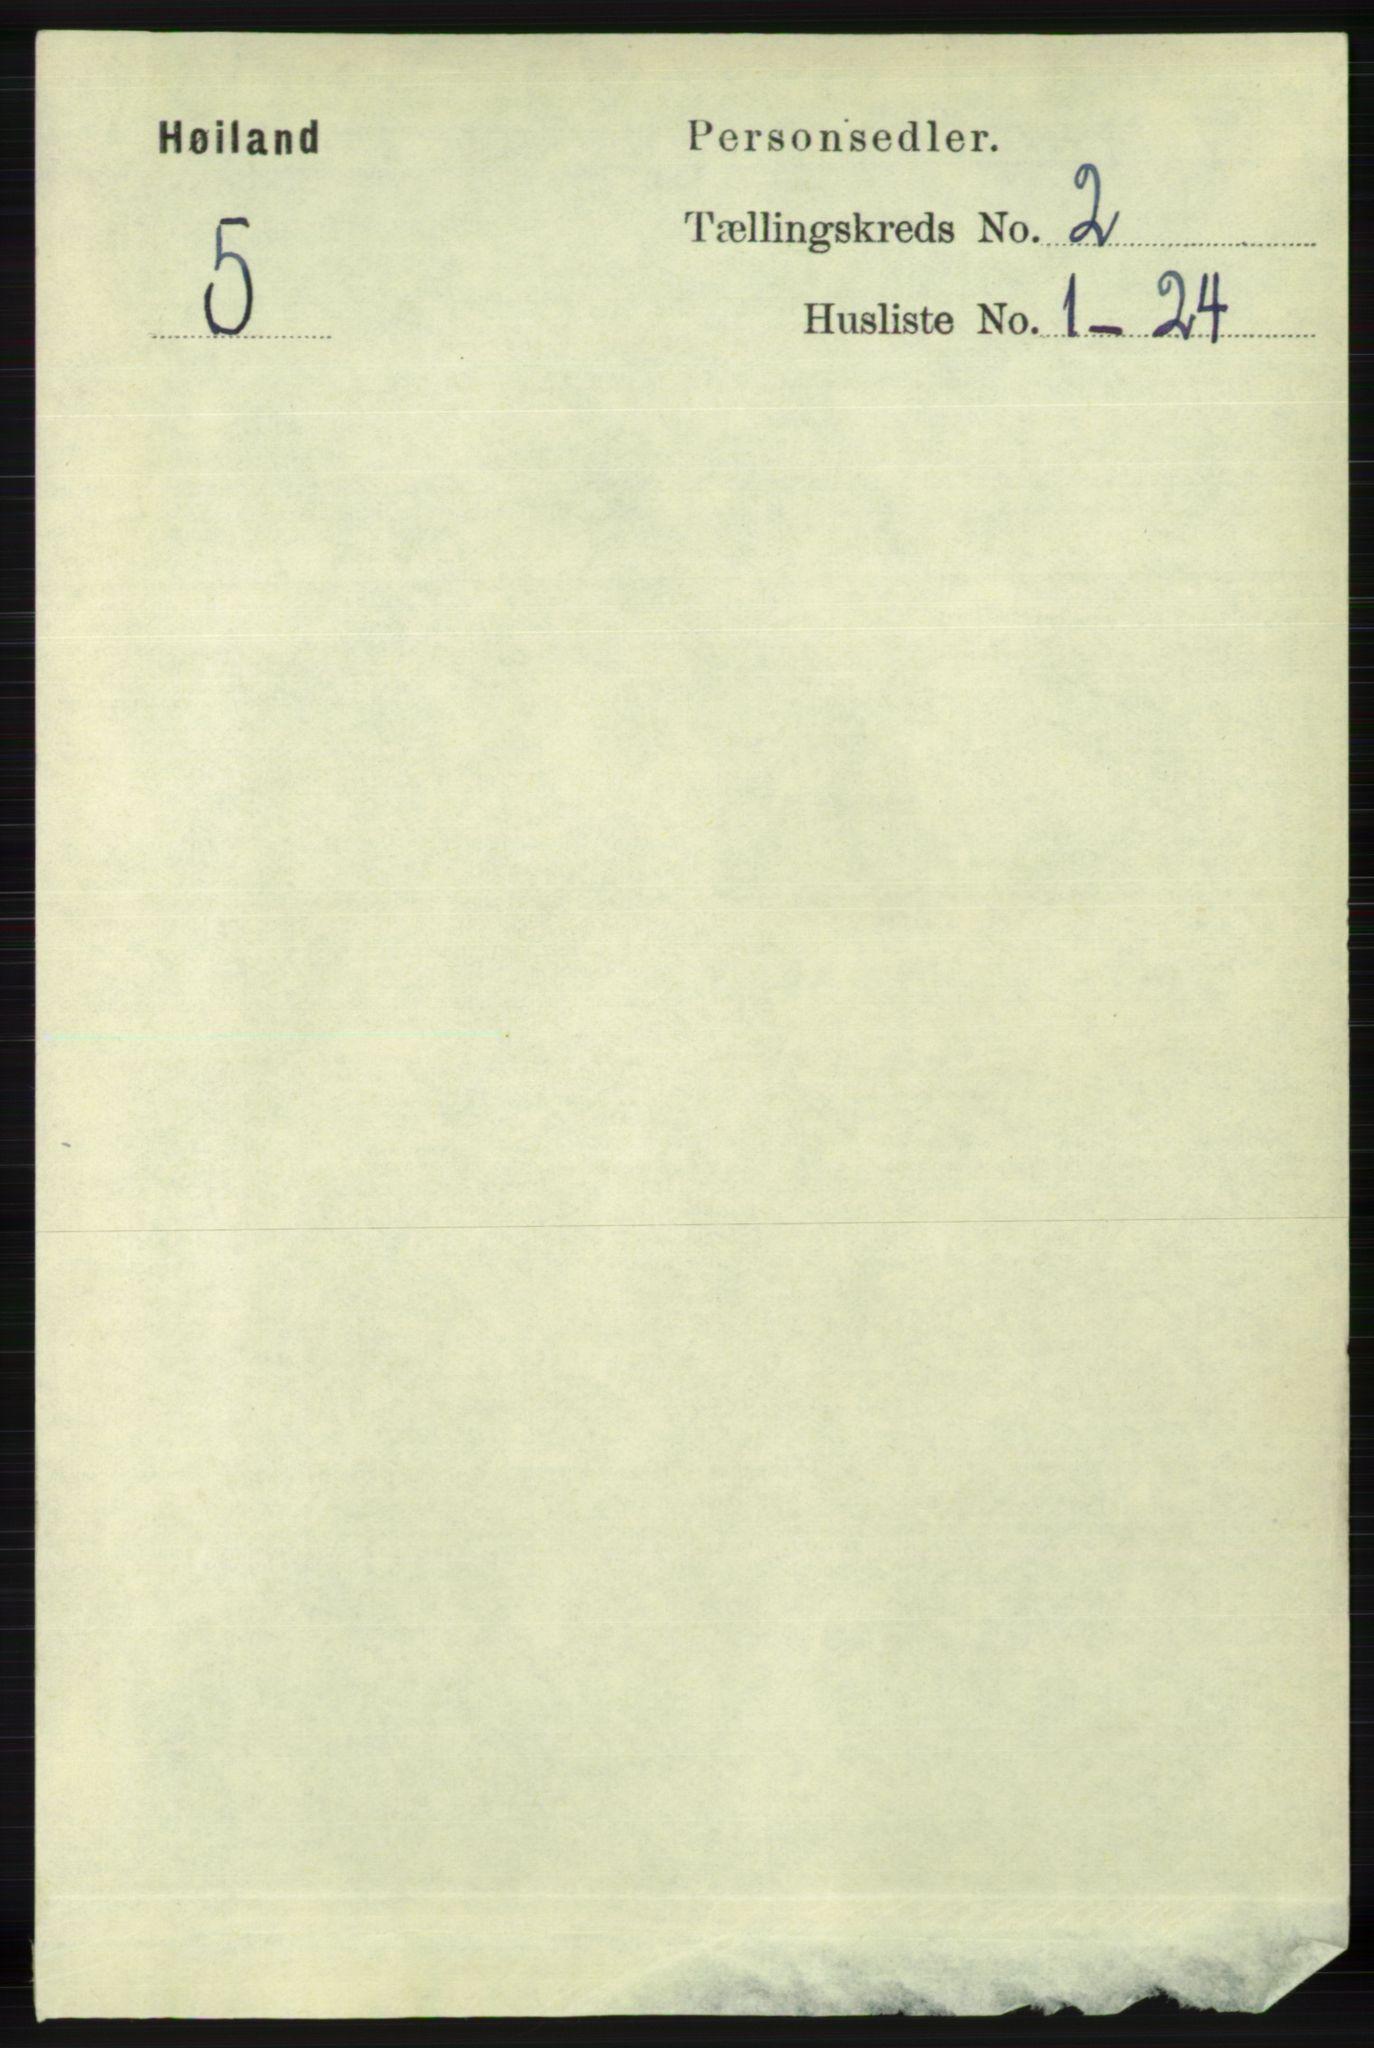 RA, Folketelling 1891 for 1123 Høyland herred, 1891, s. 328